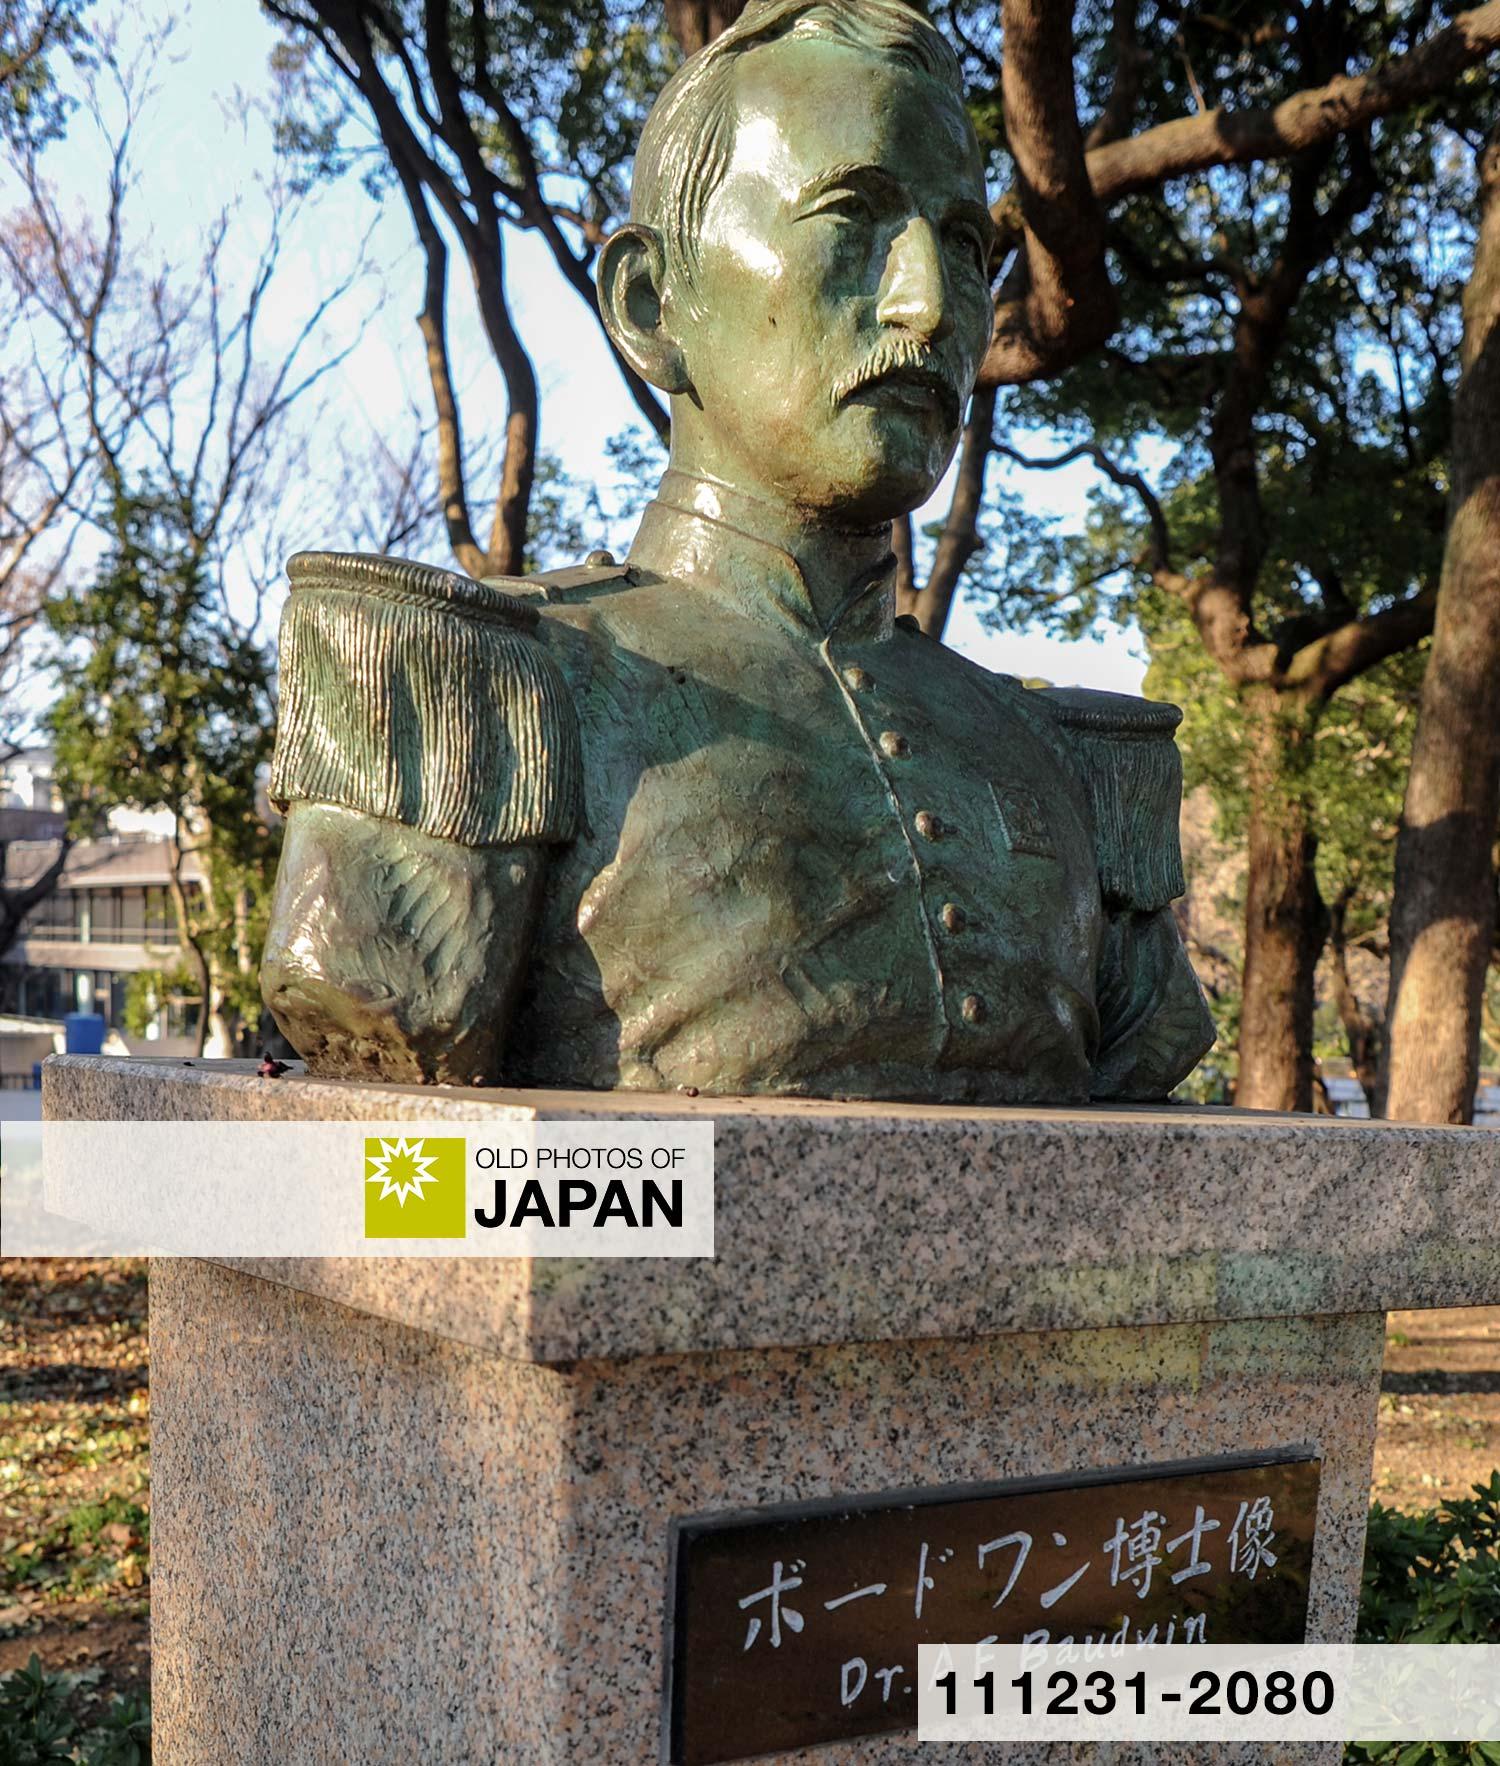 Statue of Anthonius Franciscus Bauduin in Ueno Park, Tokyo